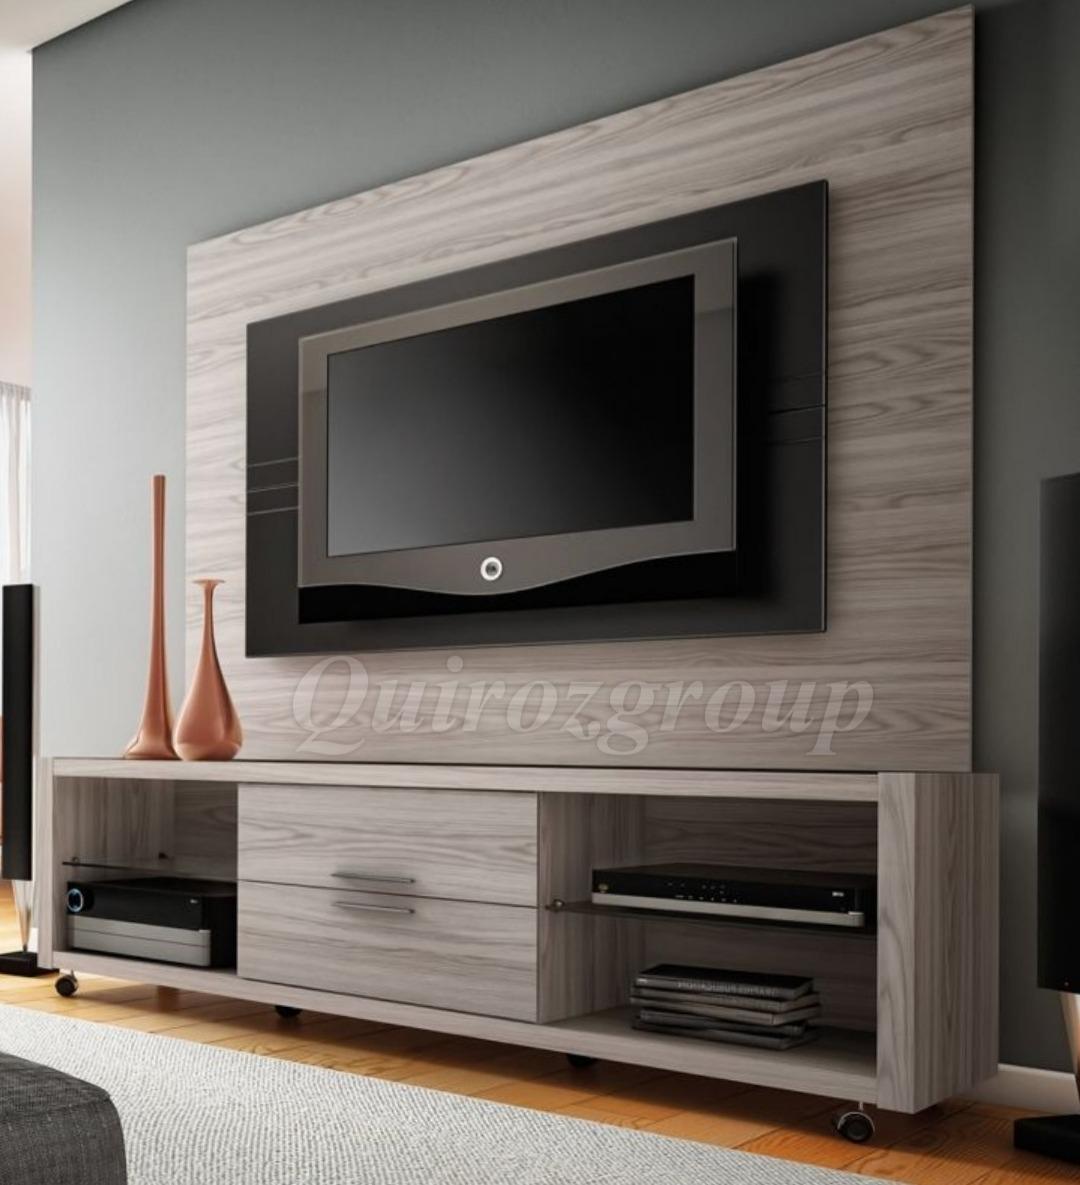 Muebles Modernos Living Para Tv Modulus Muebles De Diseño